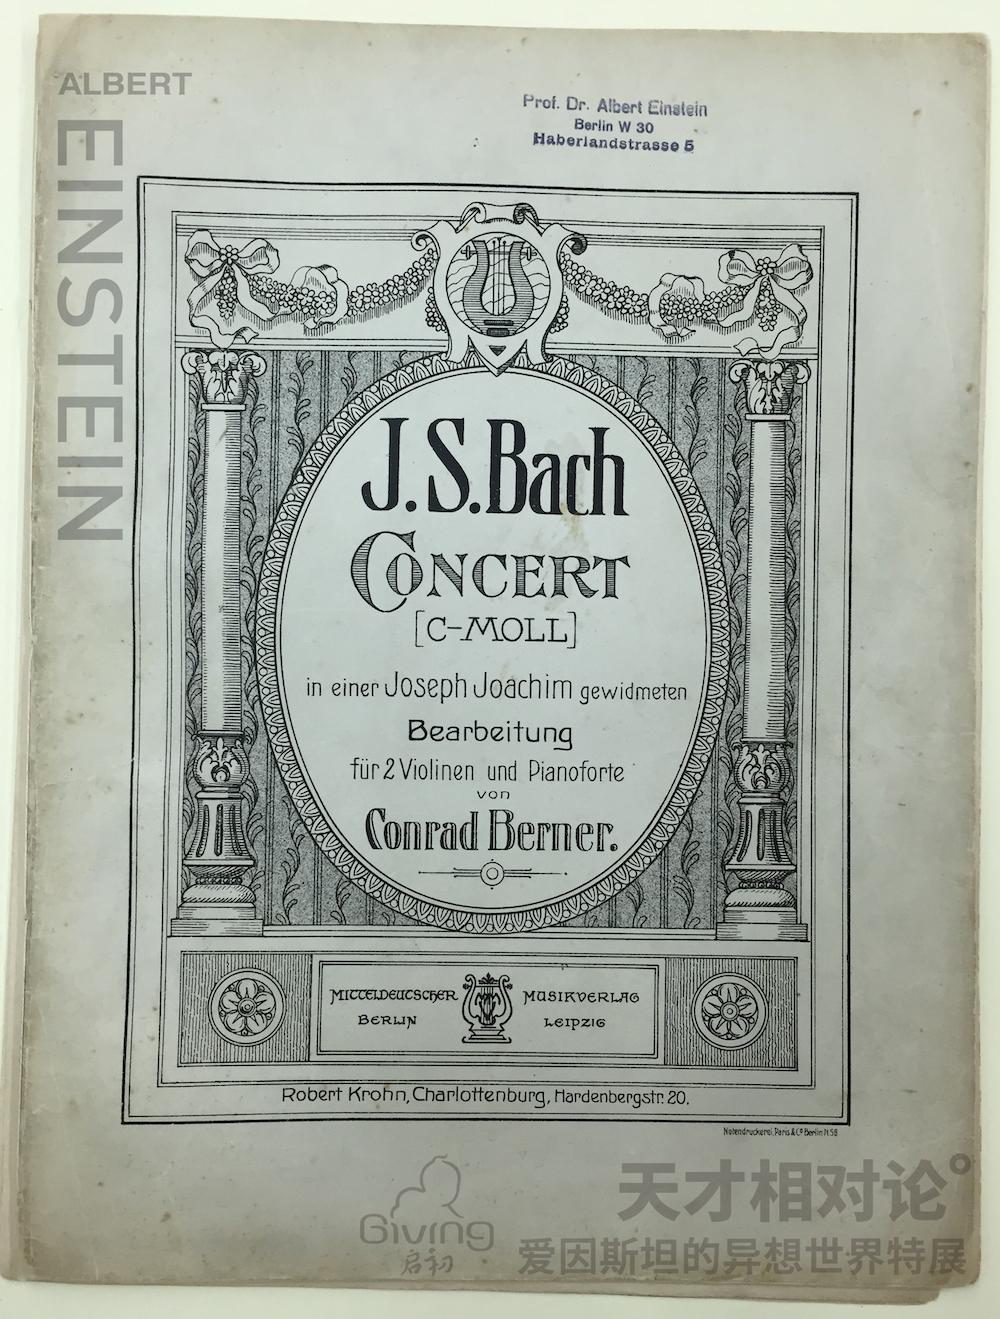 图13-收藏乐谱巴赫《C小调第4号奏鸣曲》.JPG